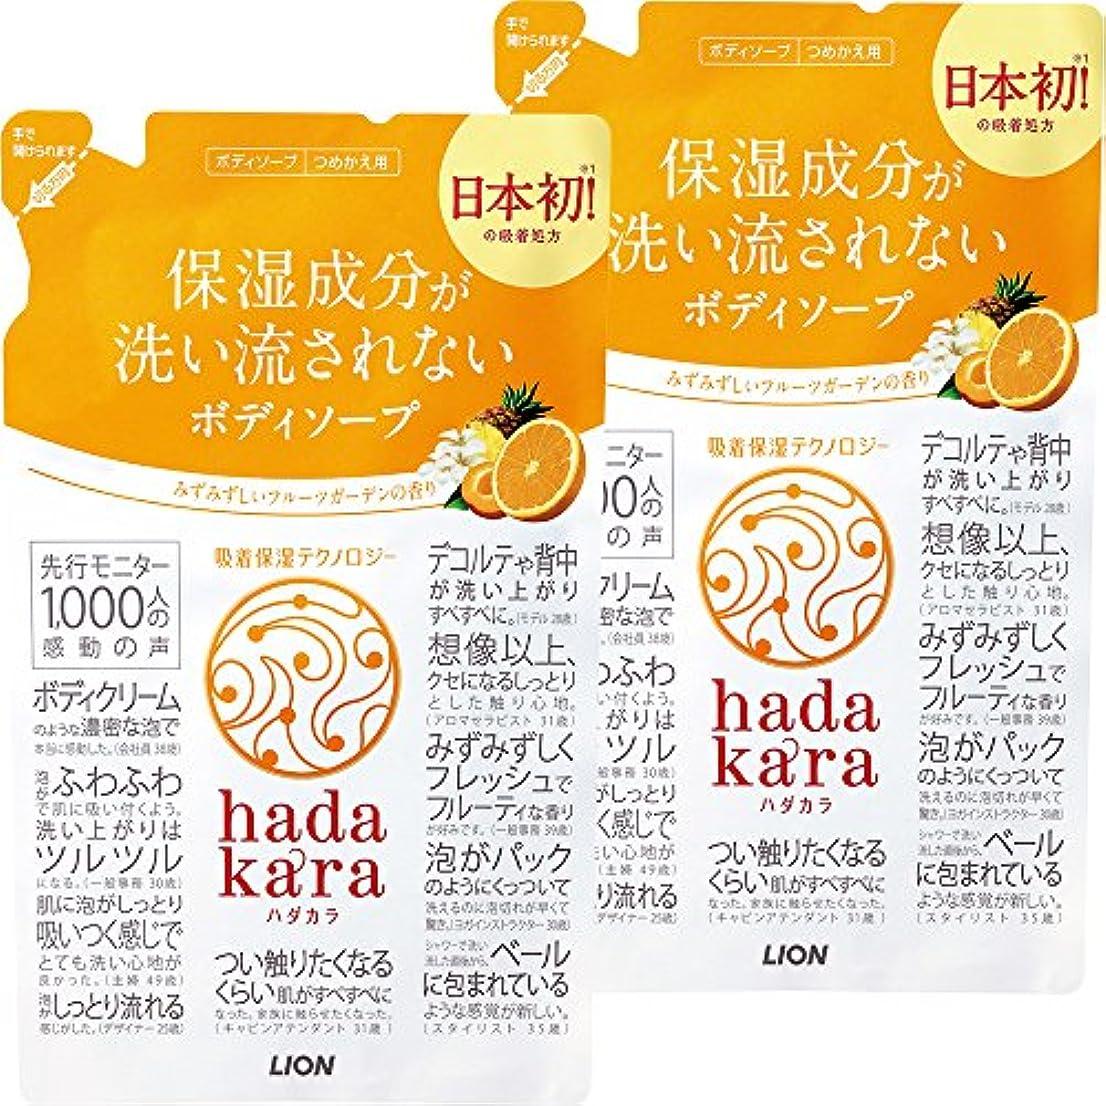 増強近似知性【まとめ買い】hadakara(ハダカラ) ボディソープ フルーツガーデンの香り 詰め替え 360ml×2個パック